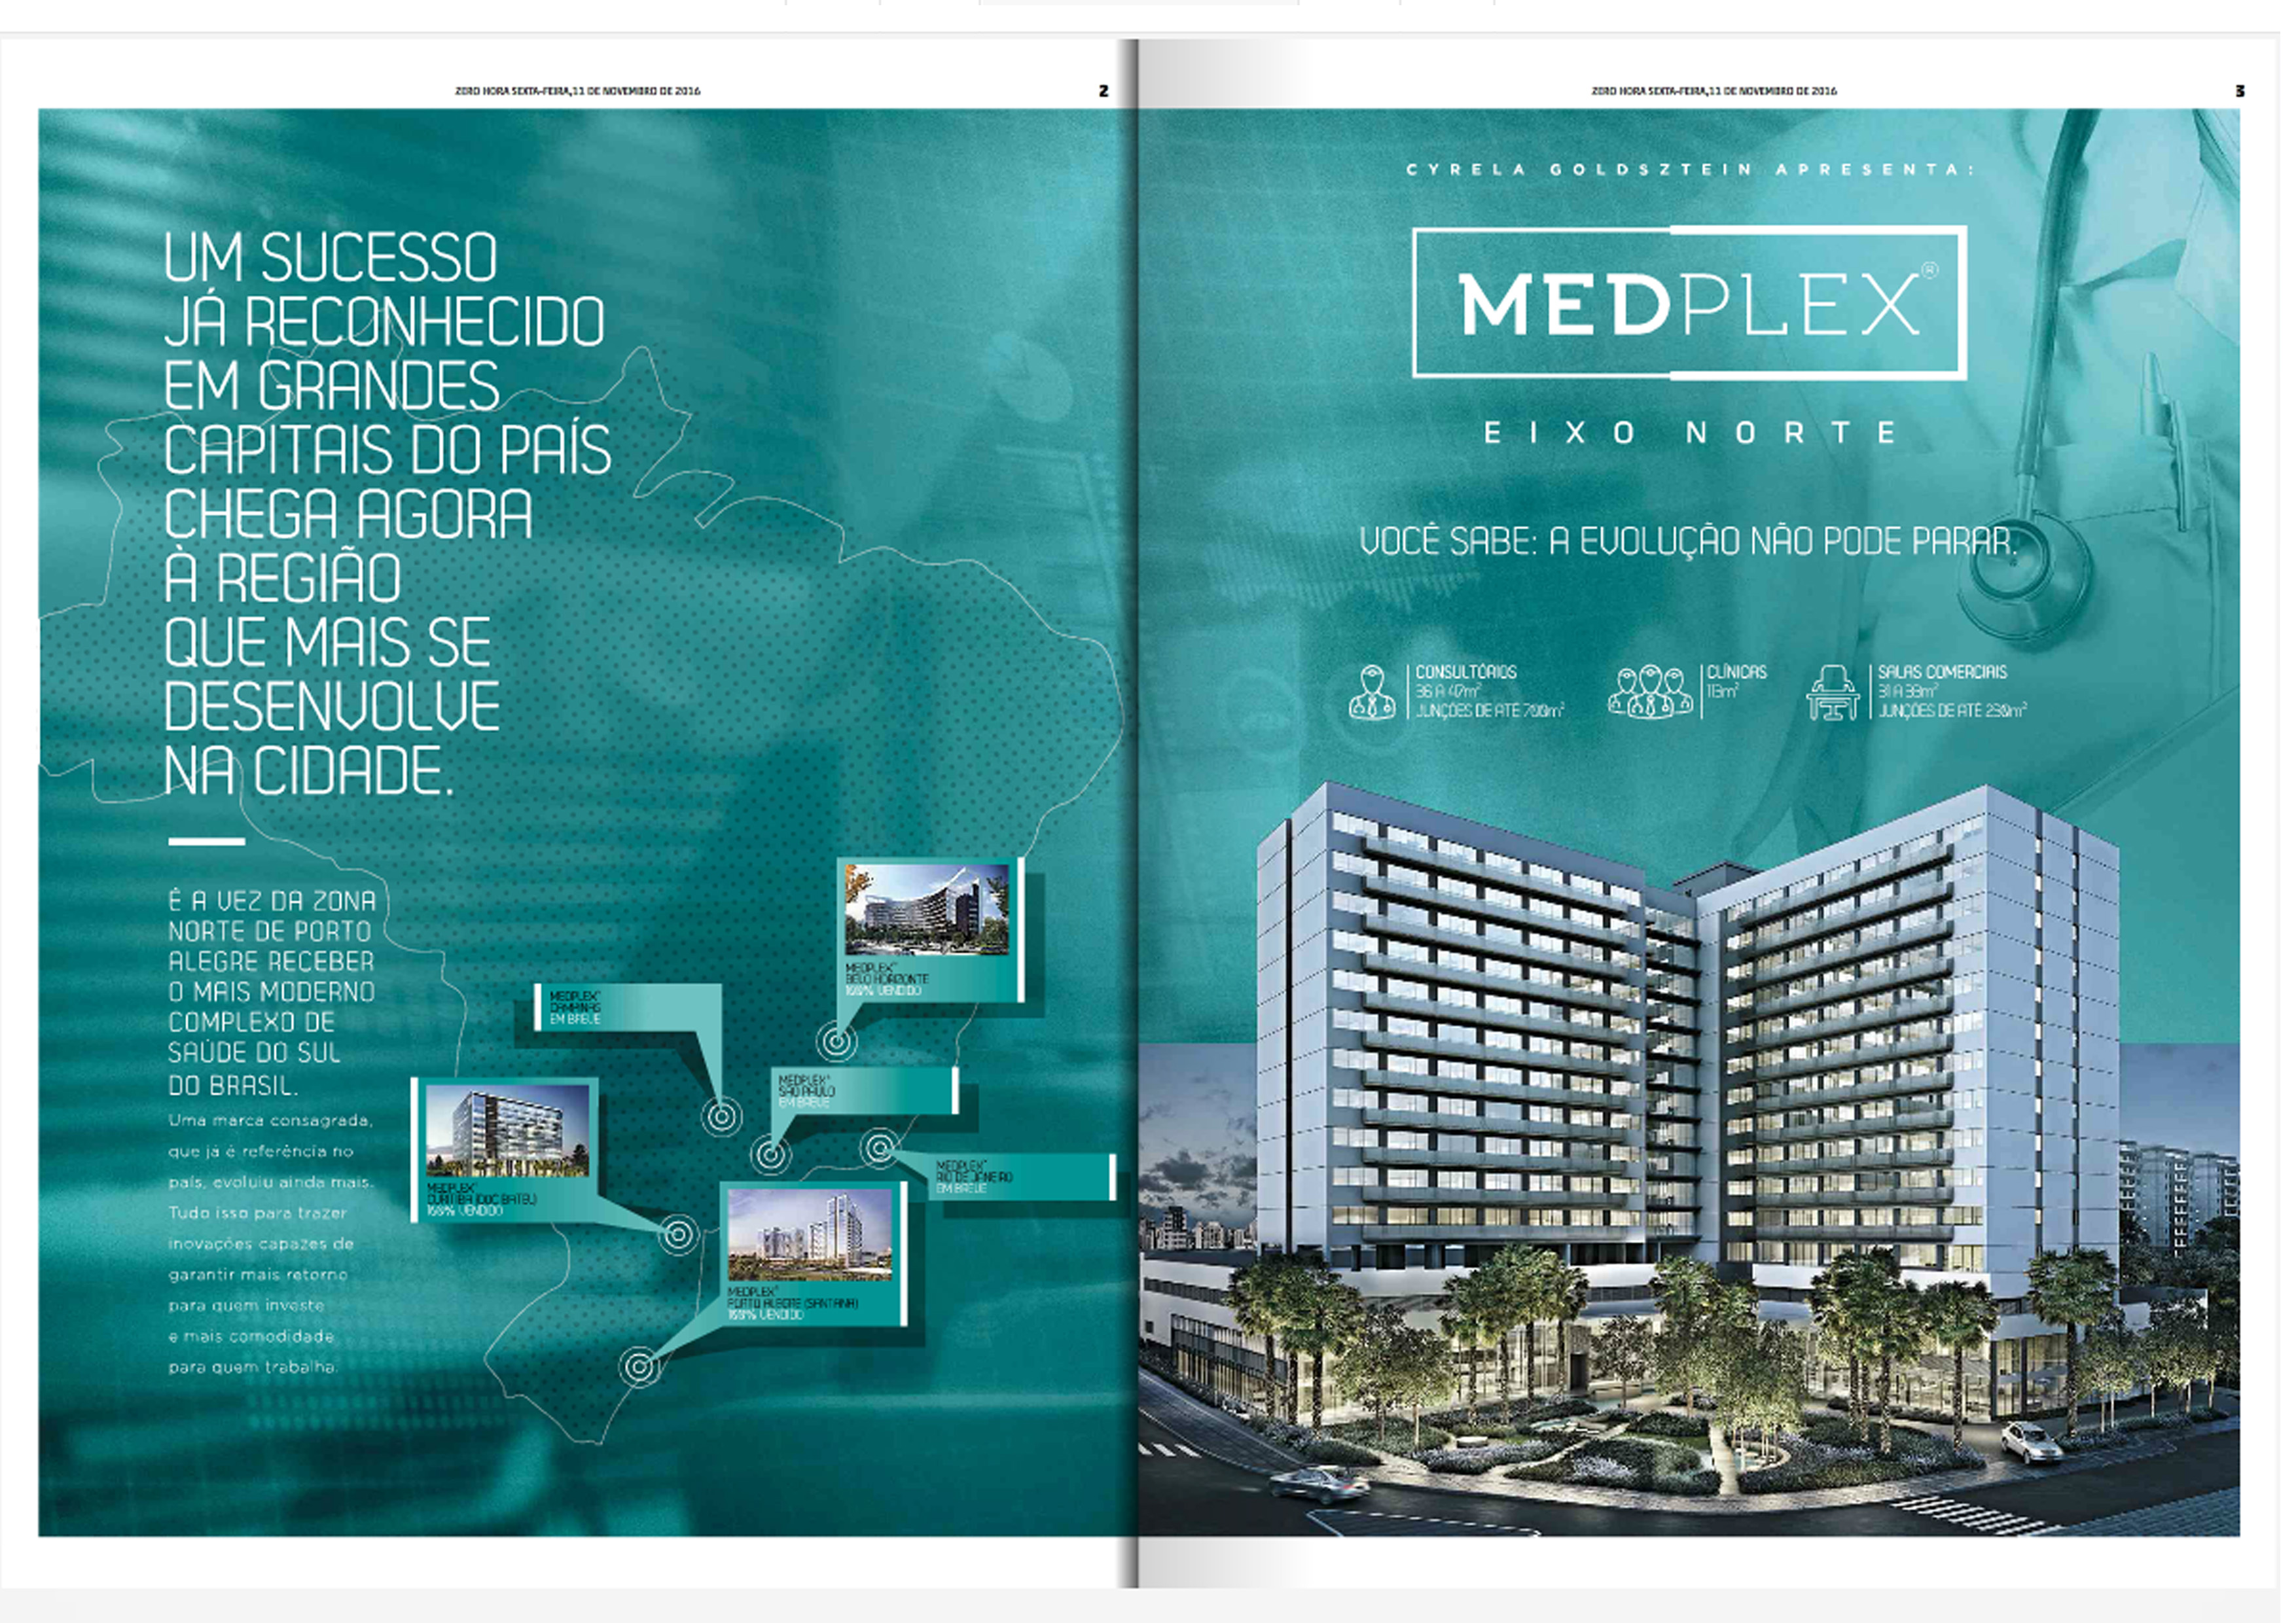 MEDPLEX EIXO NORTE